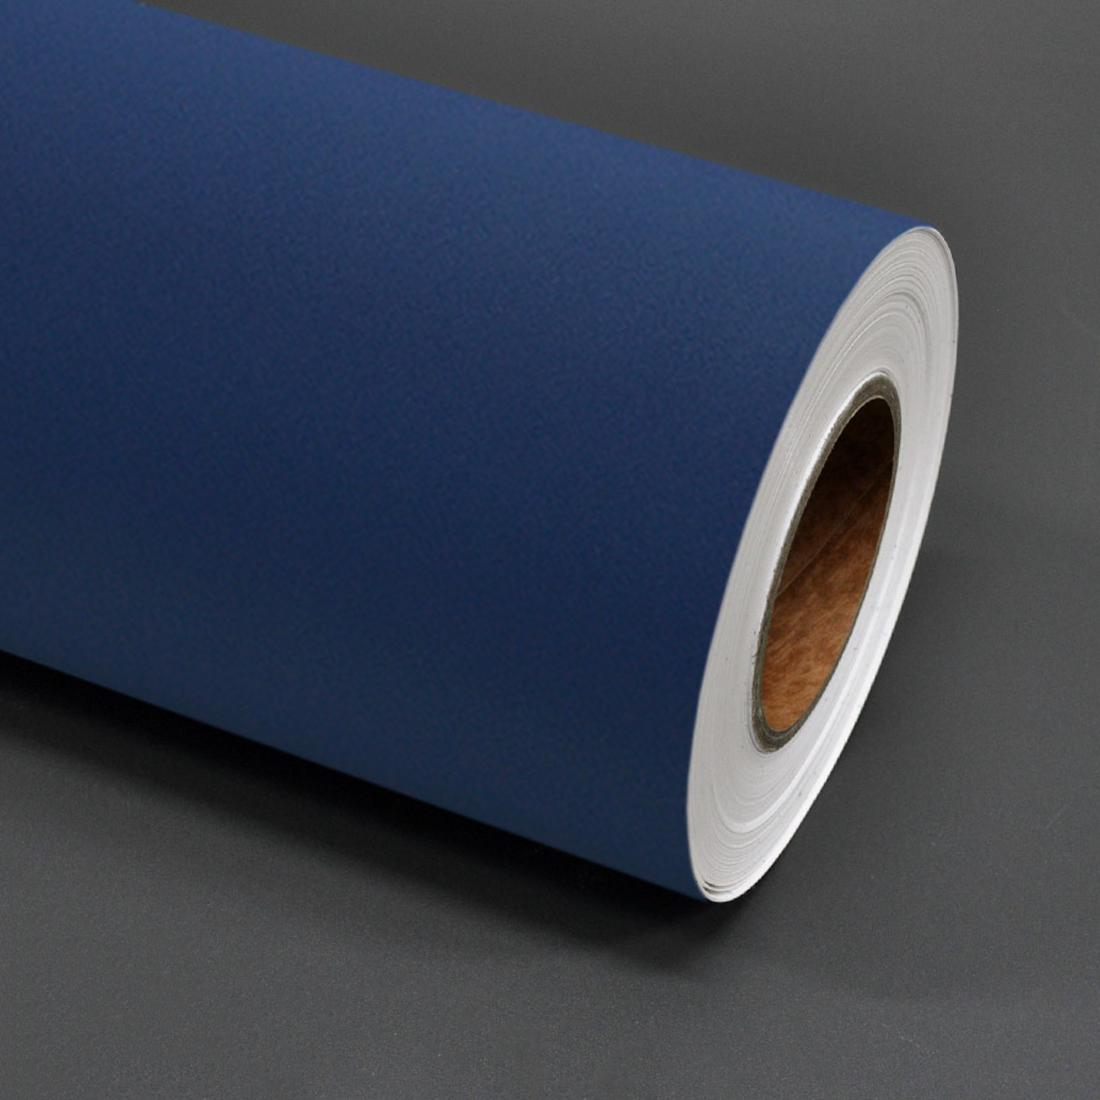 데코리아 현대인테리어필름 에어프리 생활방수 접착식 단색컬러시트지필름, SL596 울트라마린블루